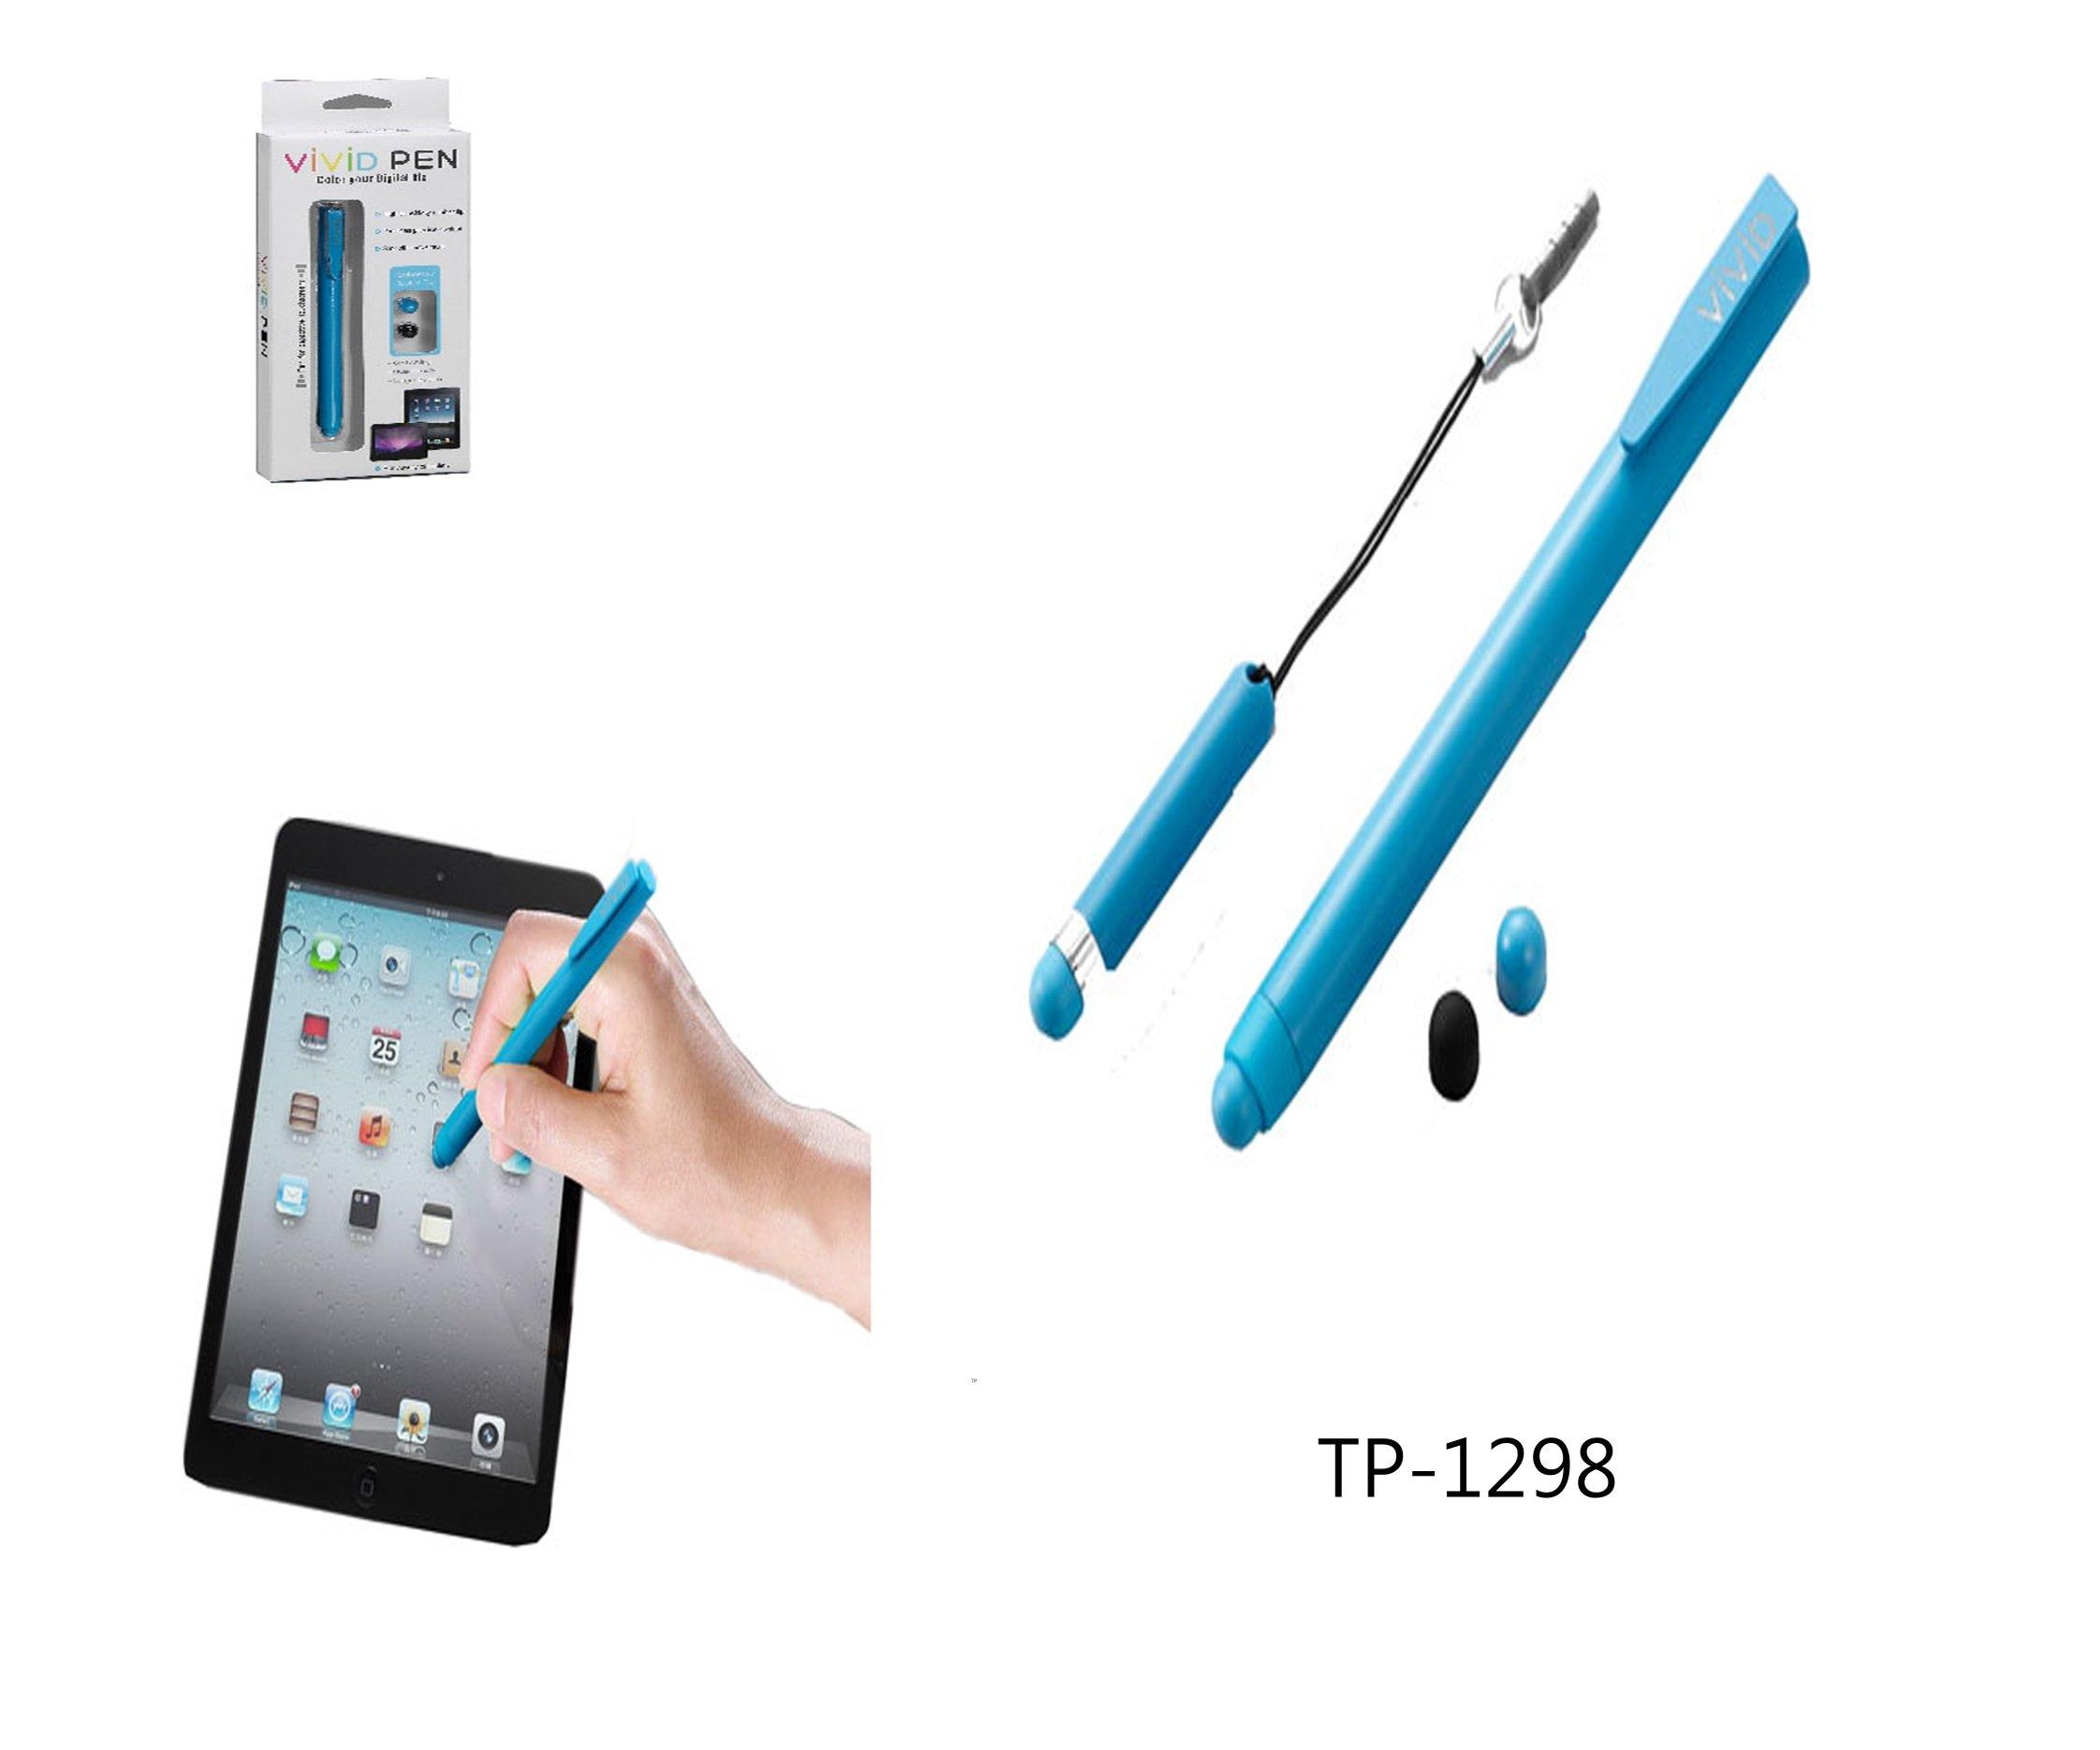 TP-1298 彩色滑溜觸控筆(可換筆頭)